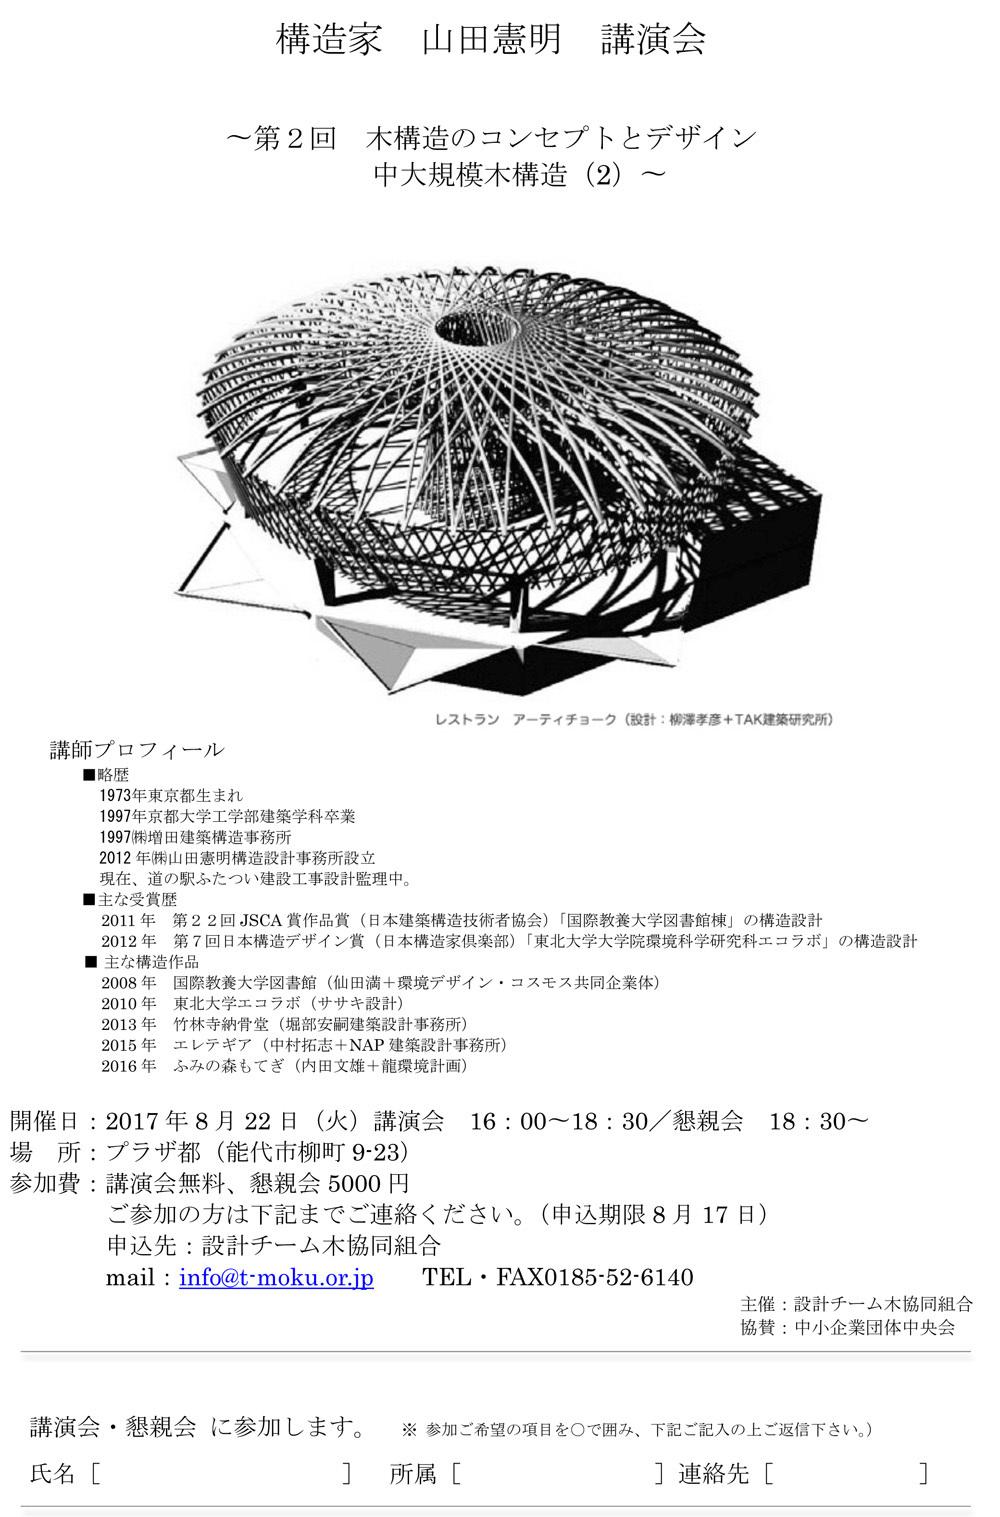 構造家 山田憲明 研修会 (2)_e0054299_10124813.jpg